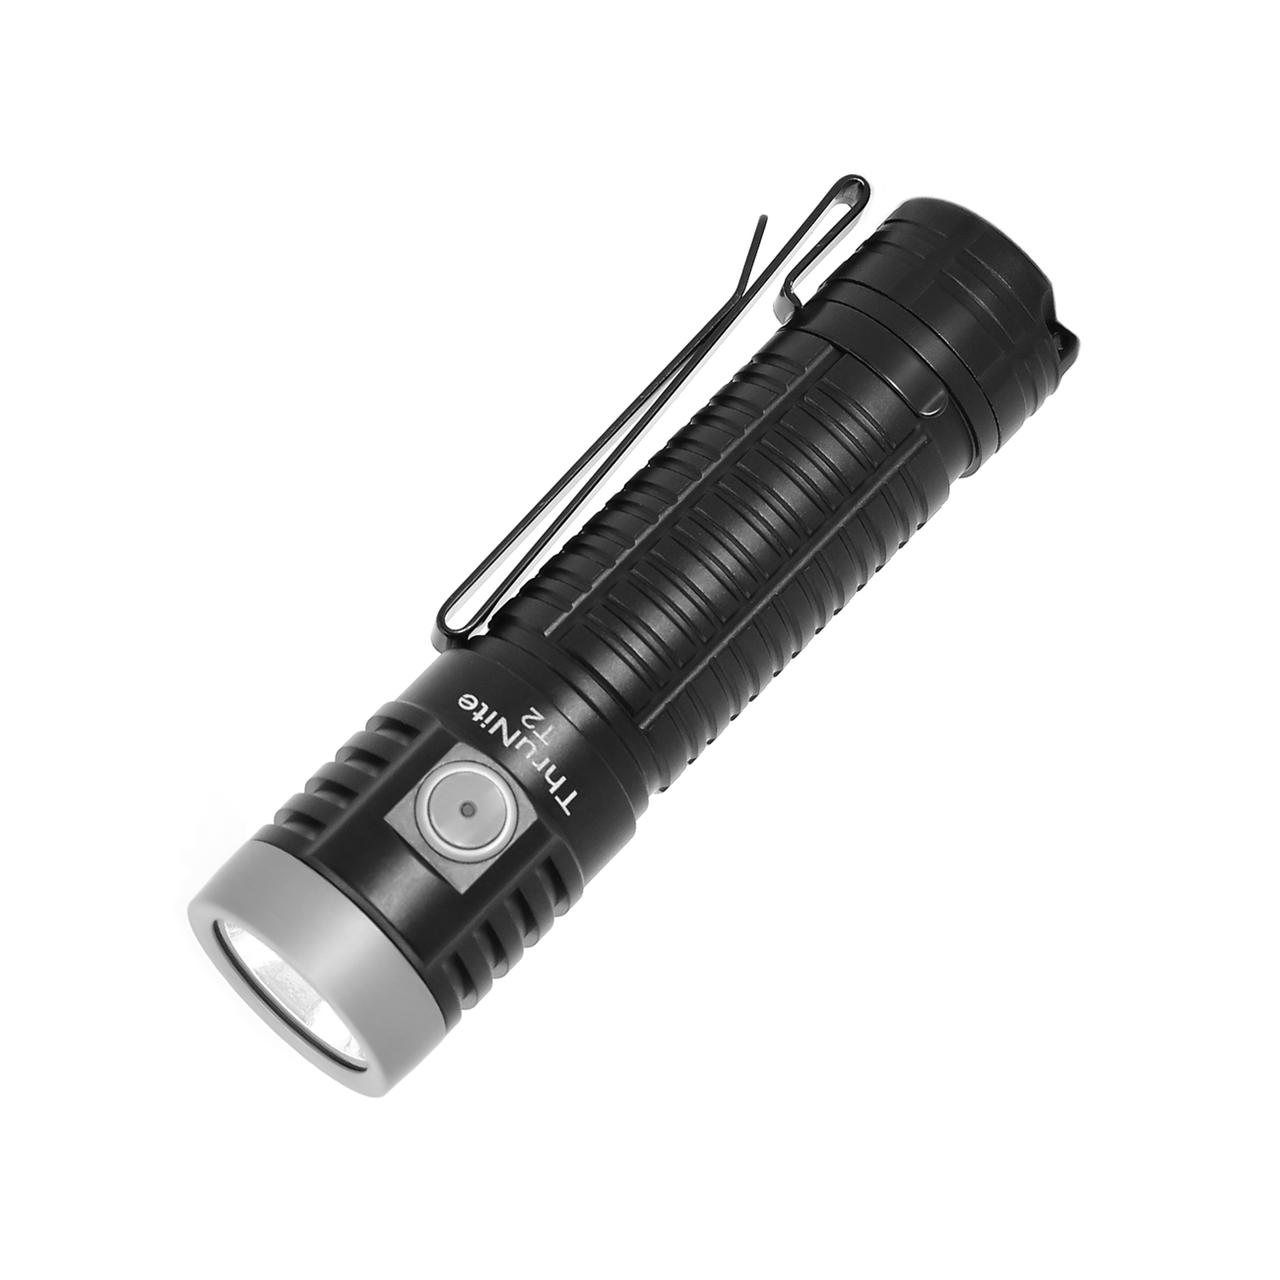 ThruNite T2, wiederaufladbare Taschenlampe inkl. 21700 Akku